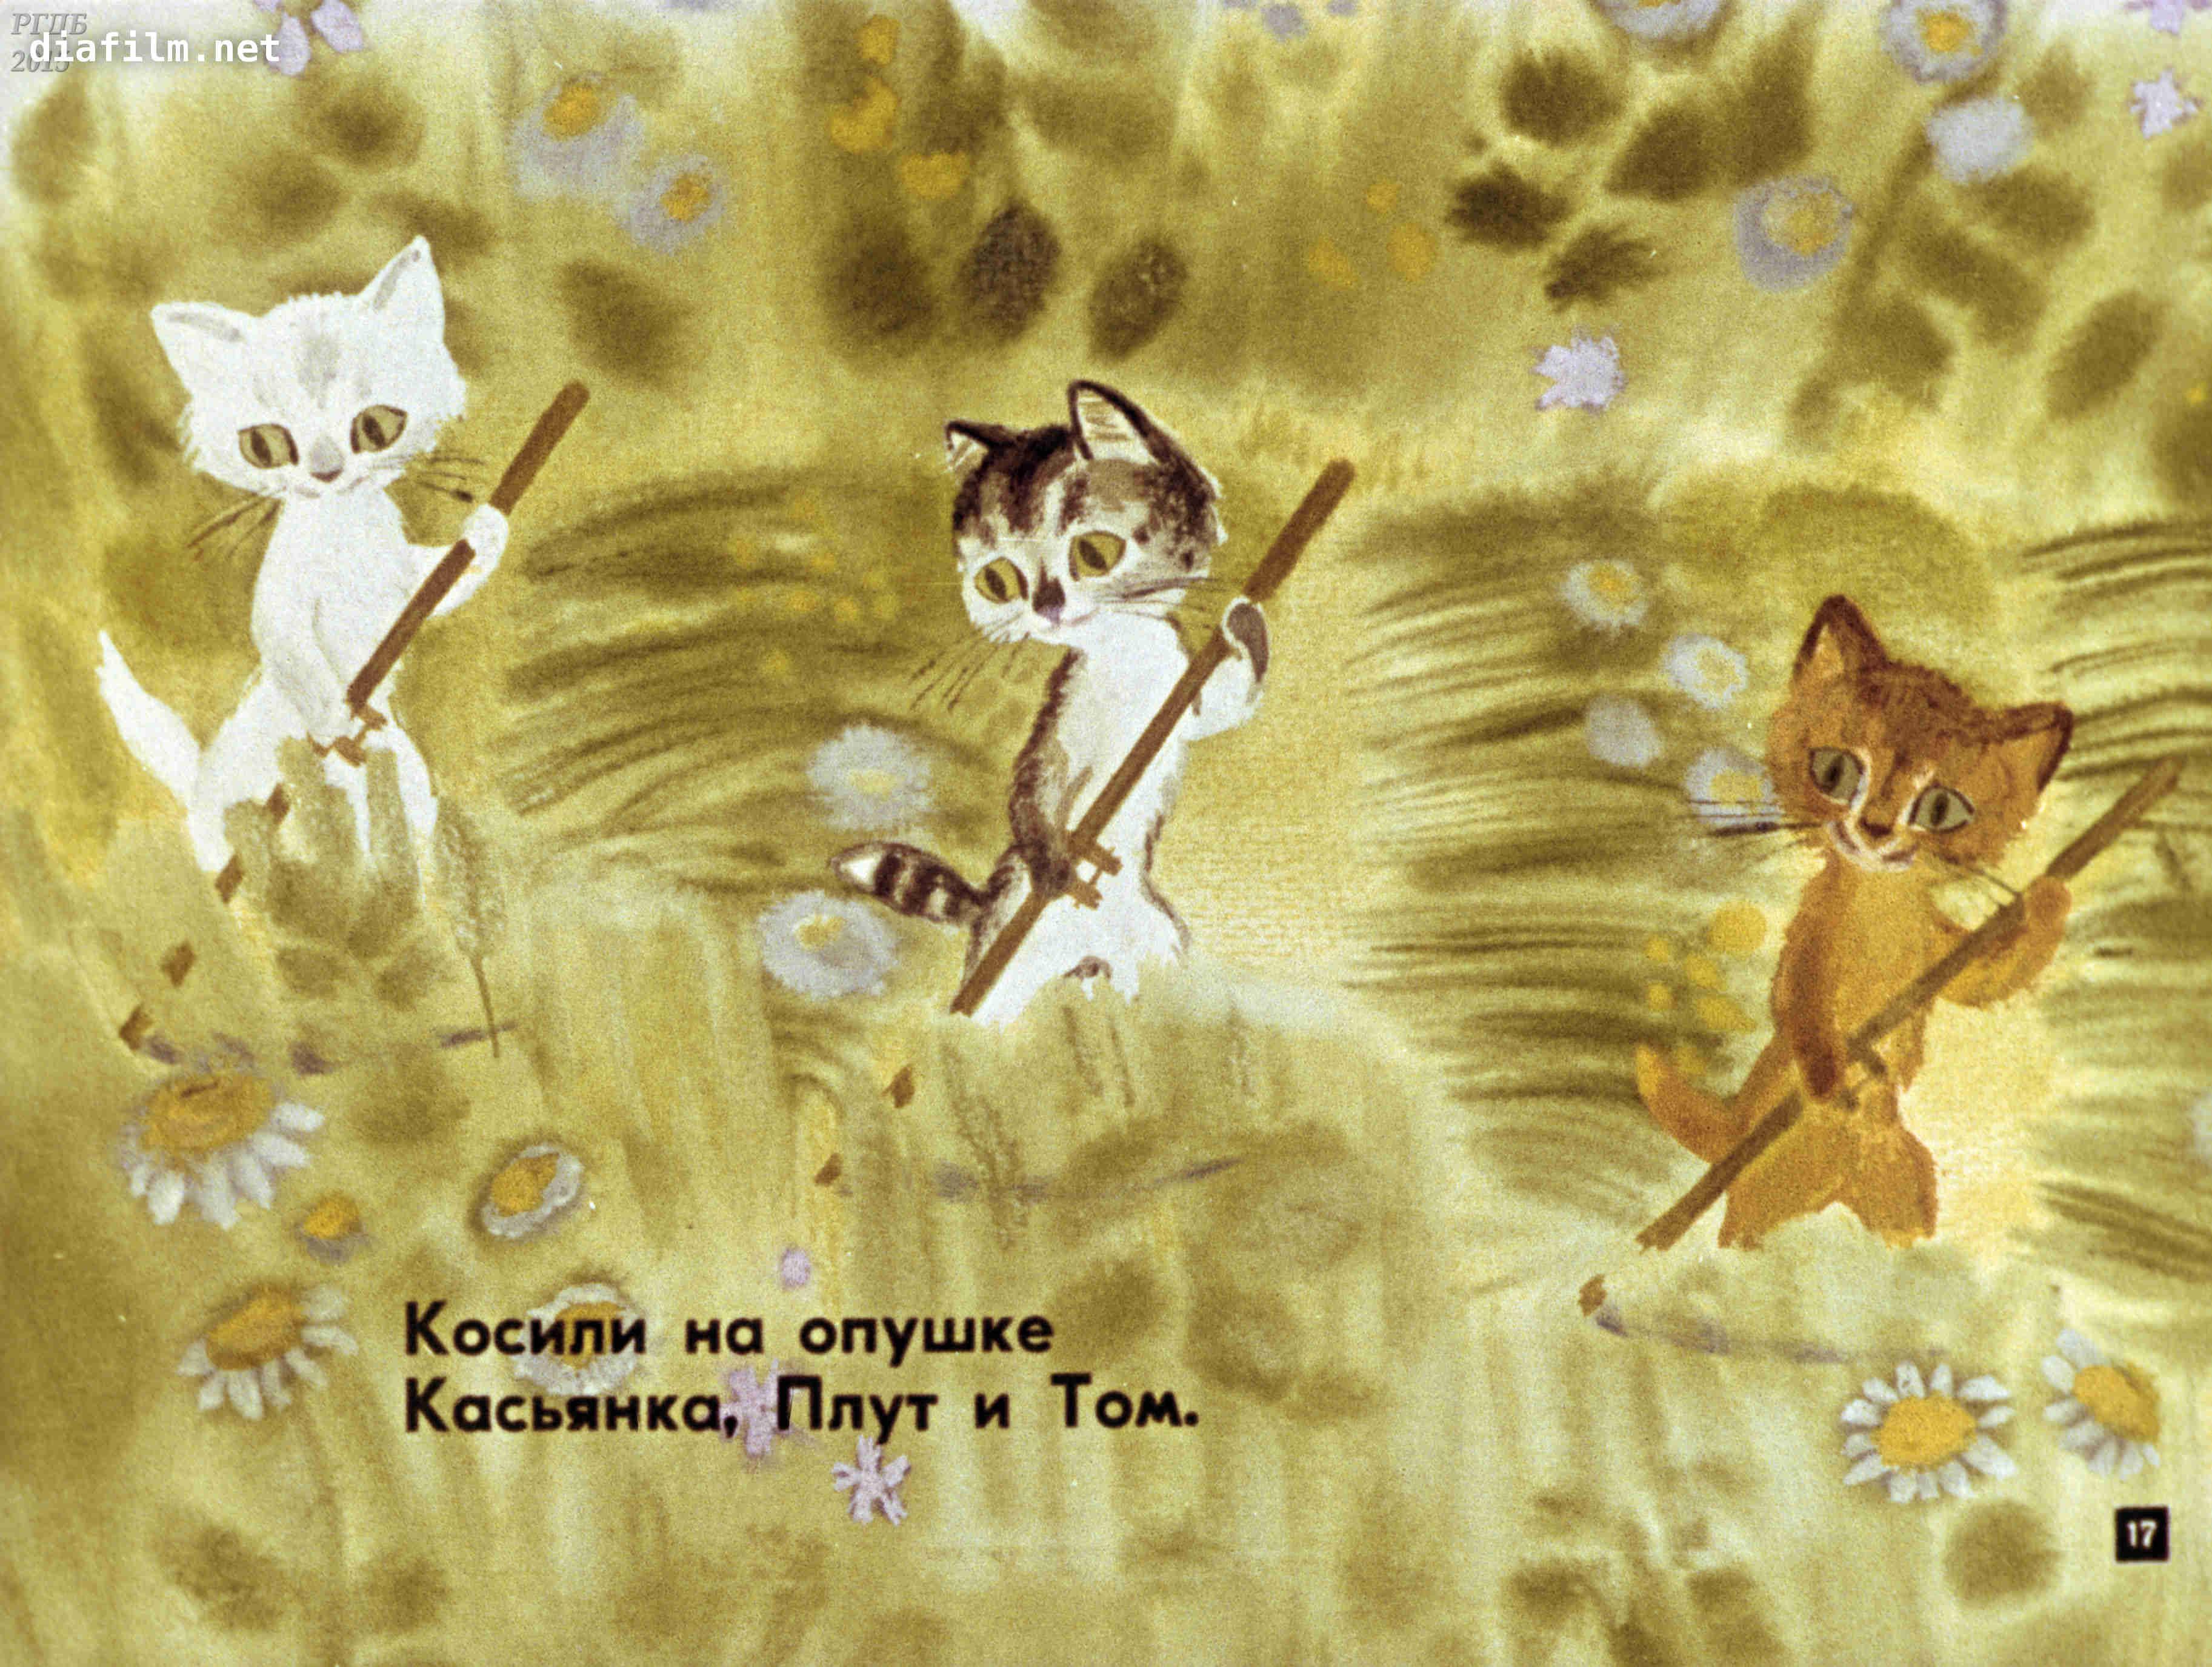 Котята токмакова читать с картинками, днем